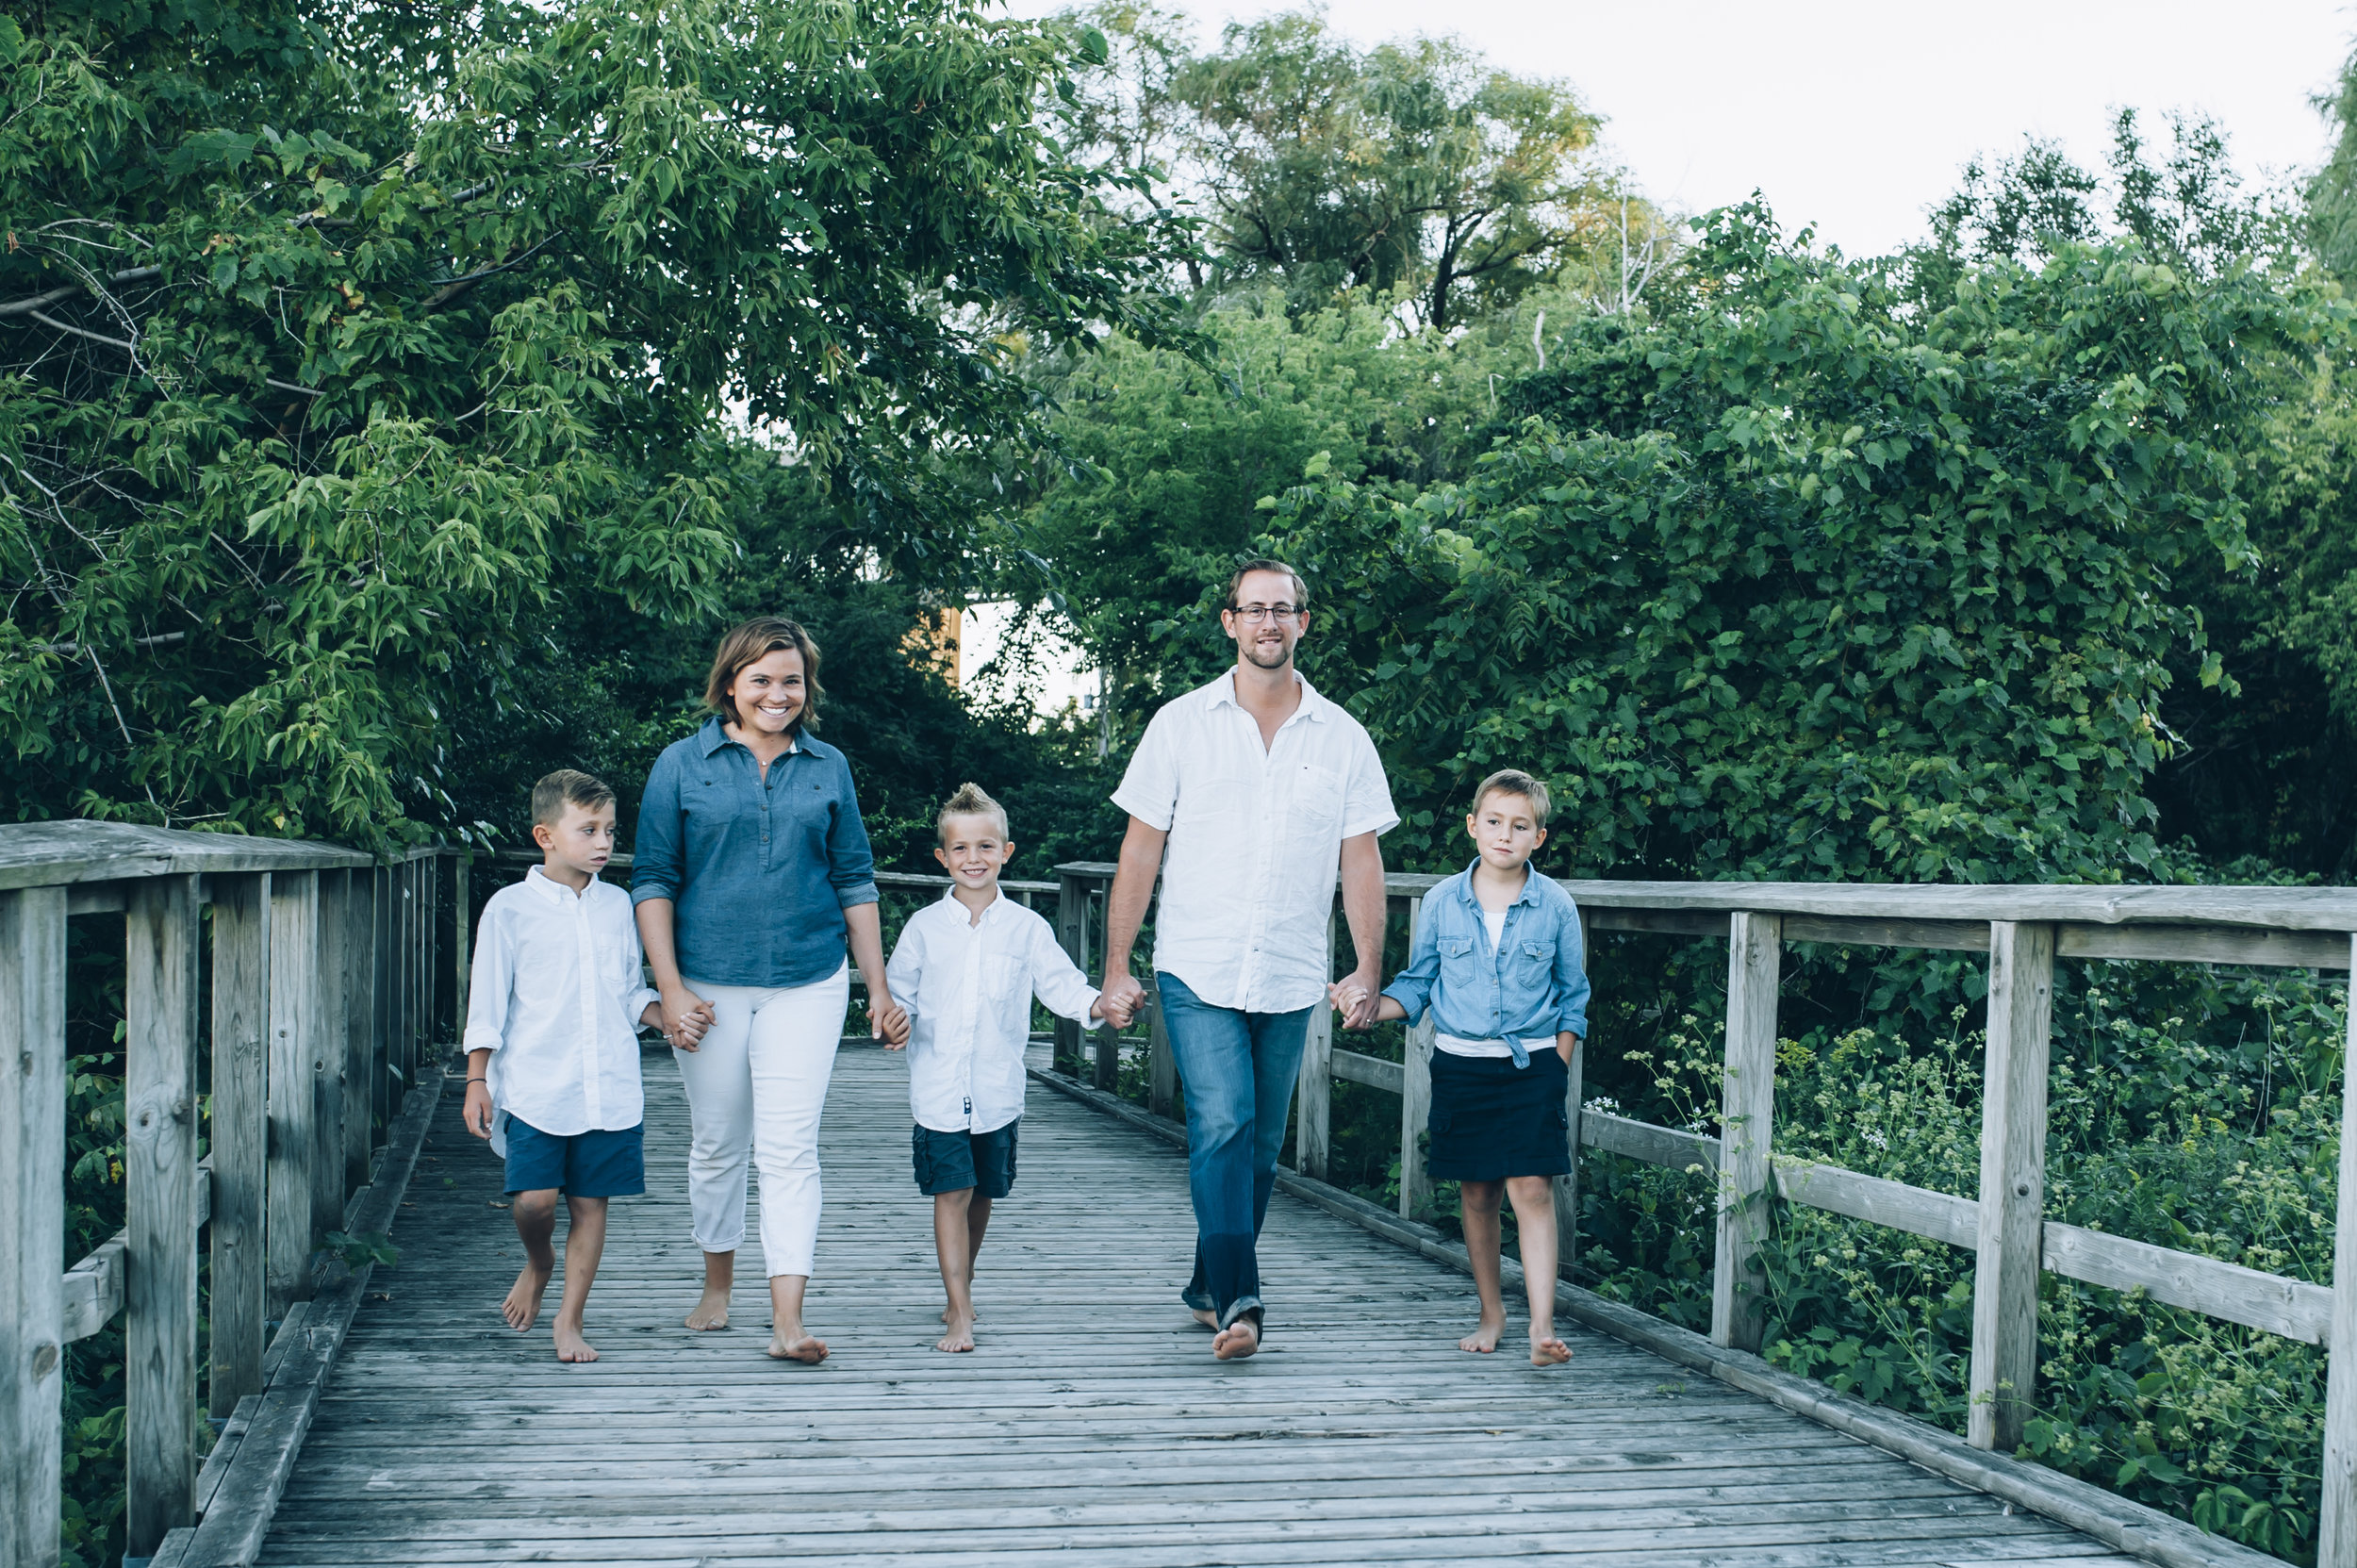 burlington photographer, family photographer, family lifestyle photographer, lifestyle photographer, burlington beach, family